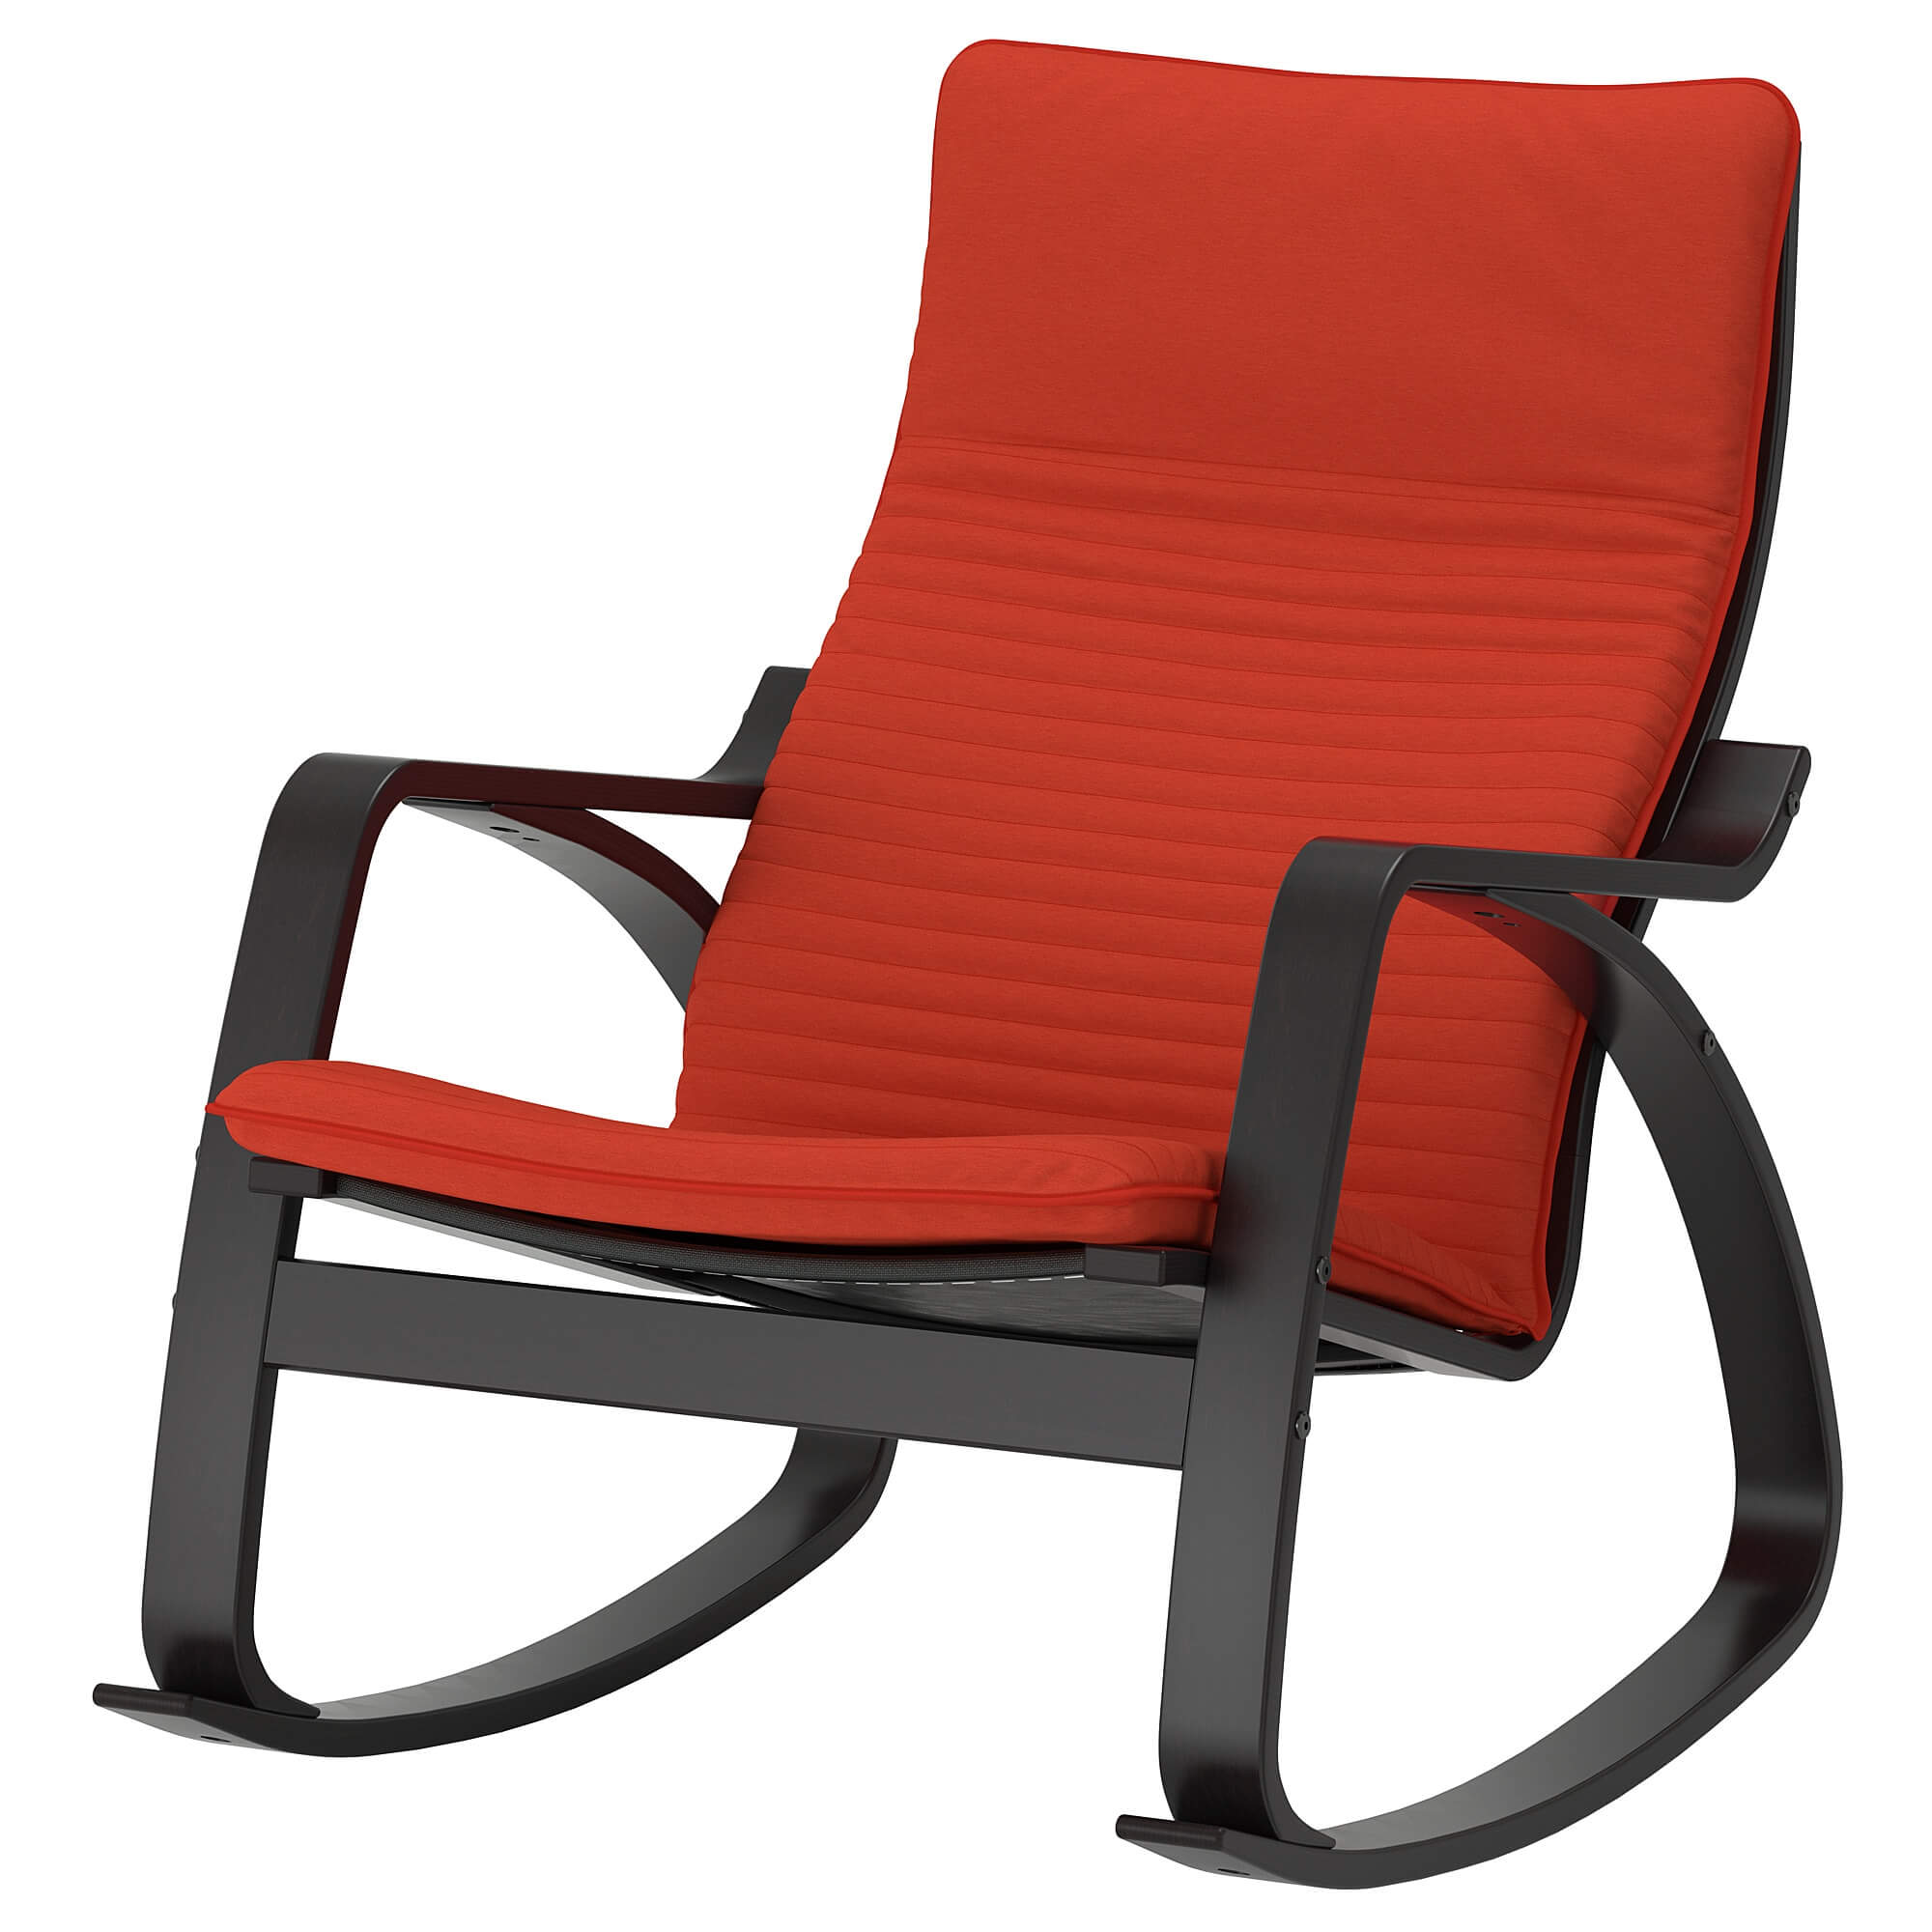 Chair designs 17